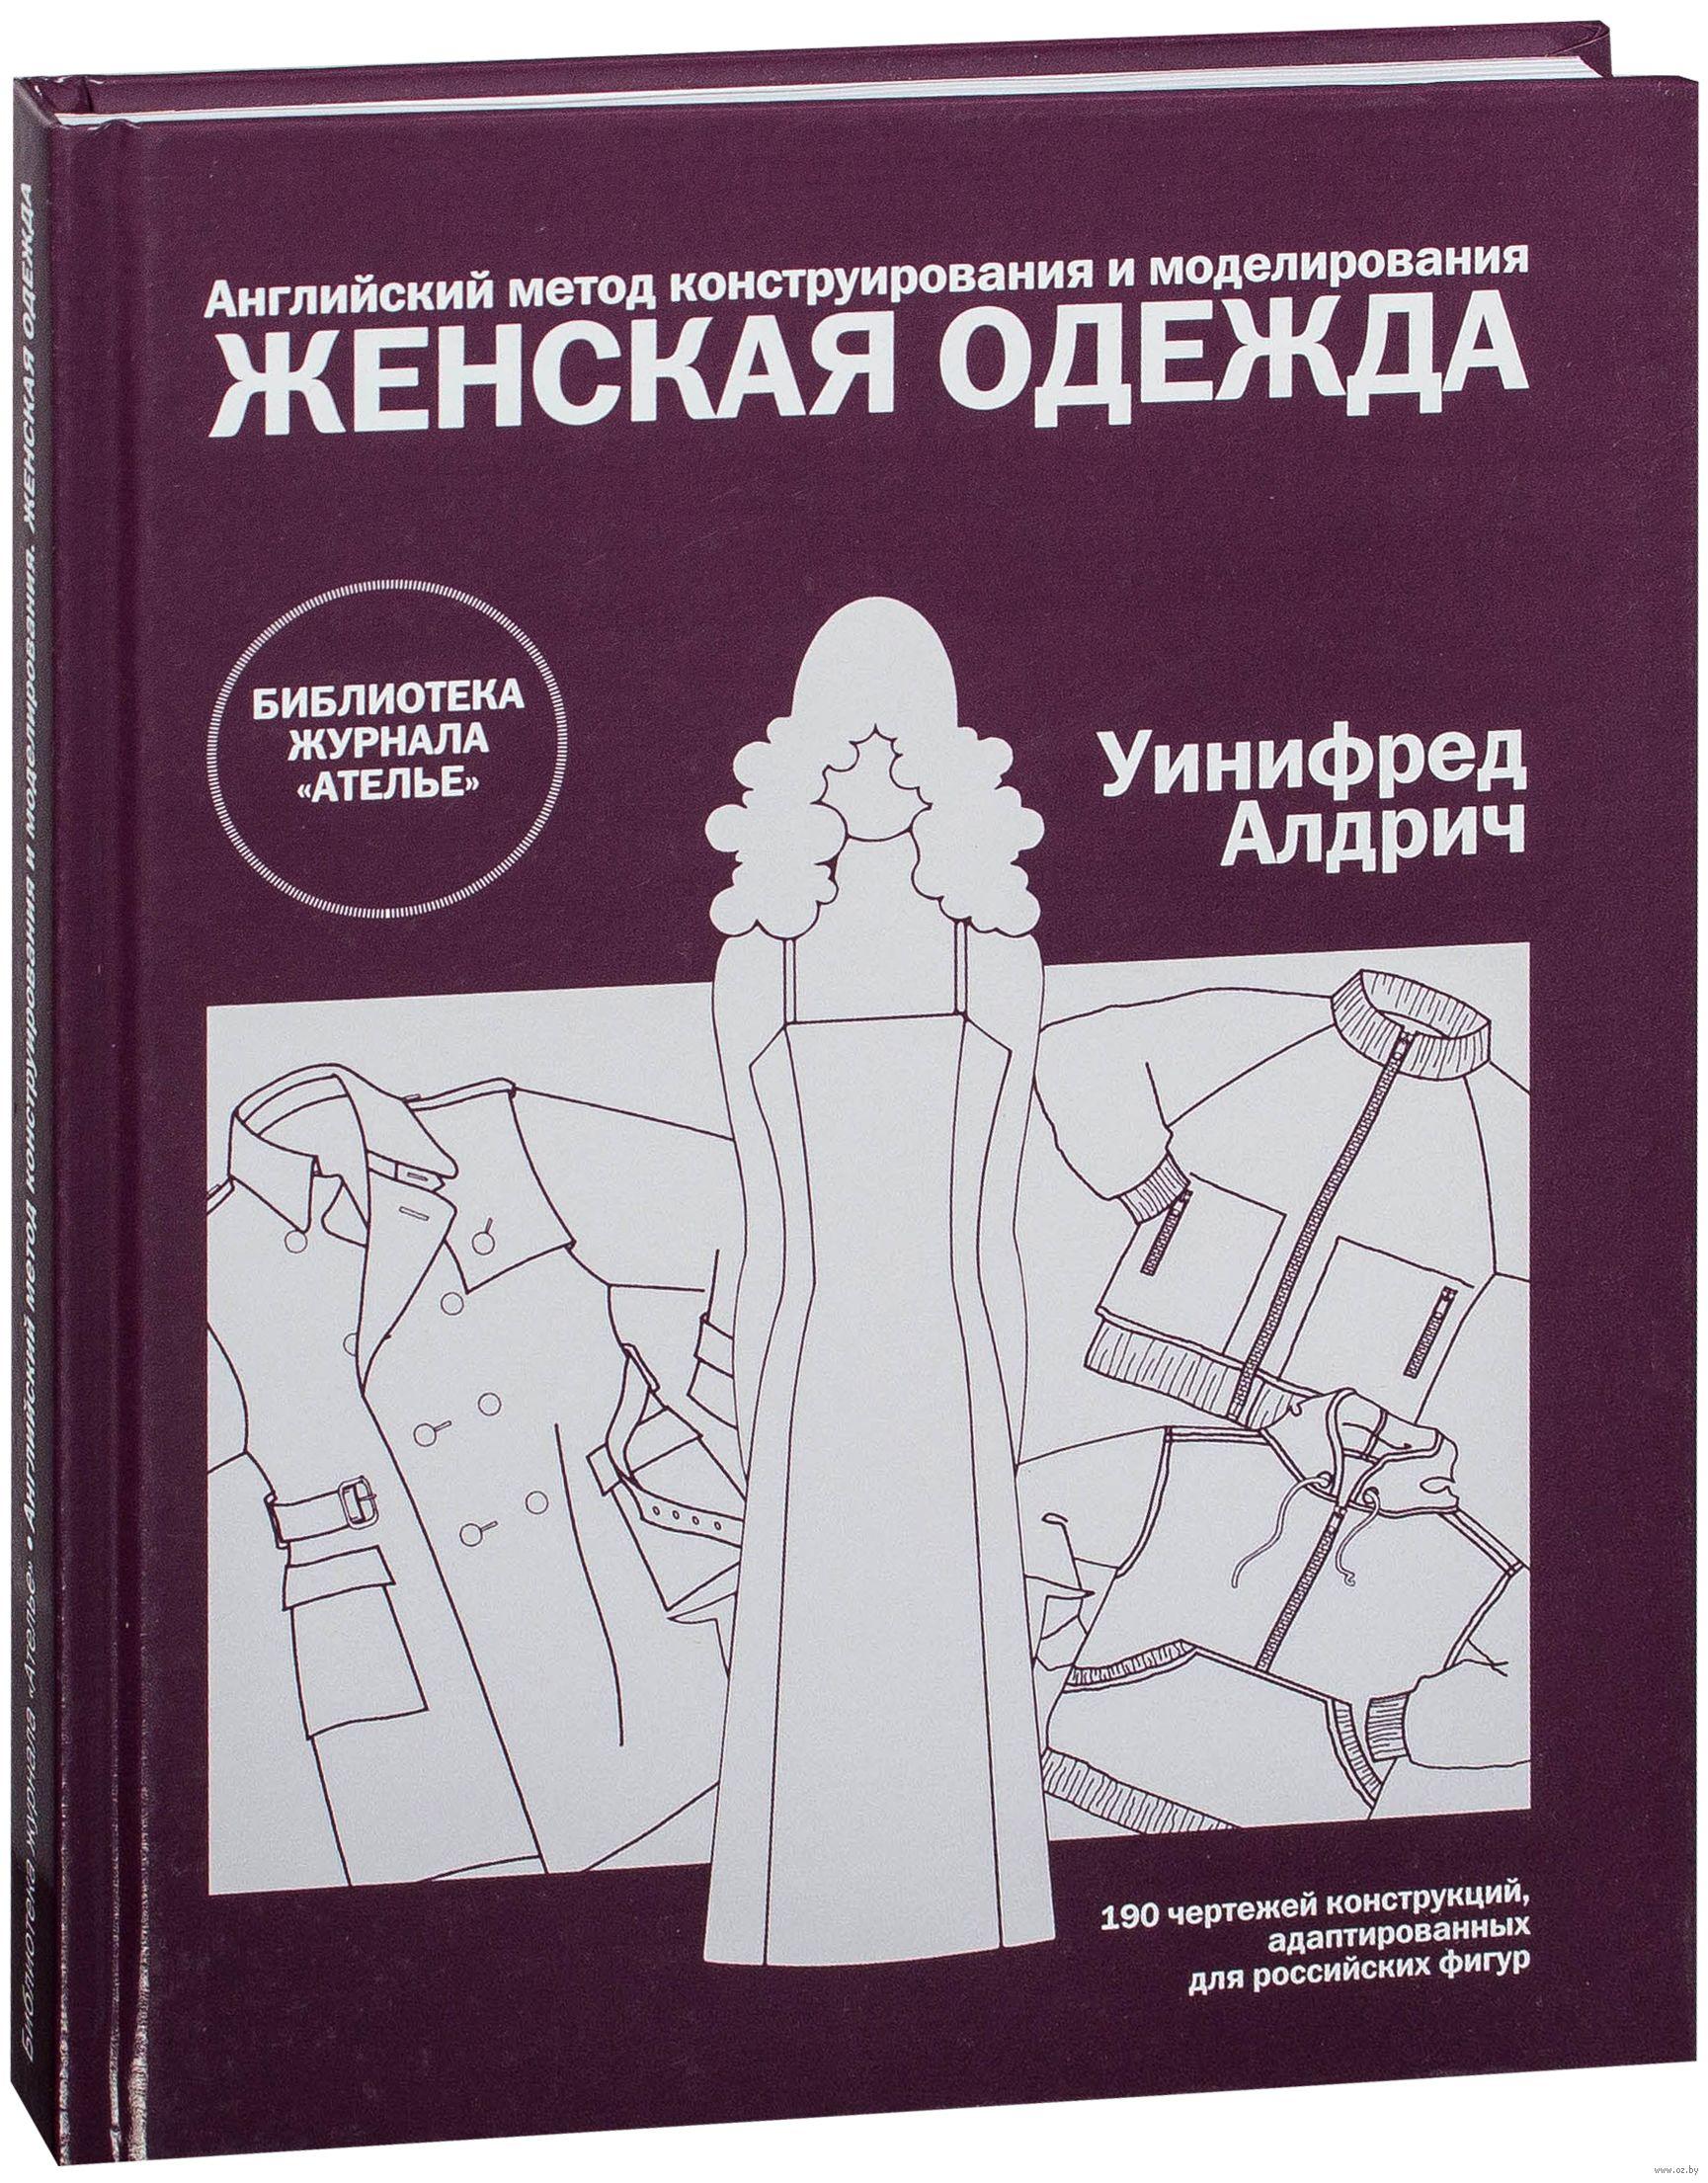 07997bfac47 Английский метод конструирования и моделирования. Женская одежда — фото